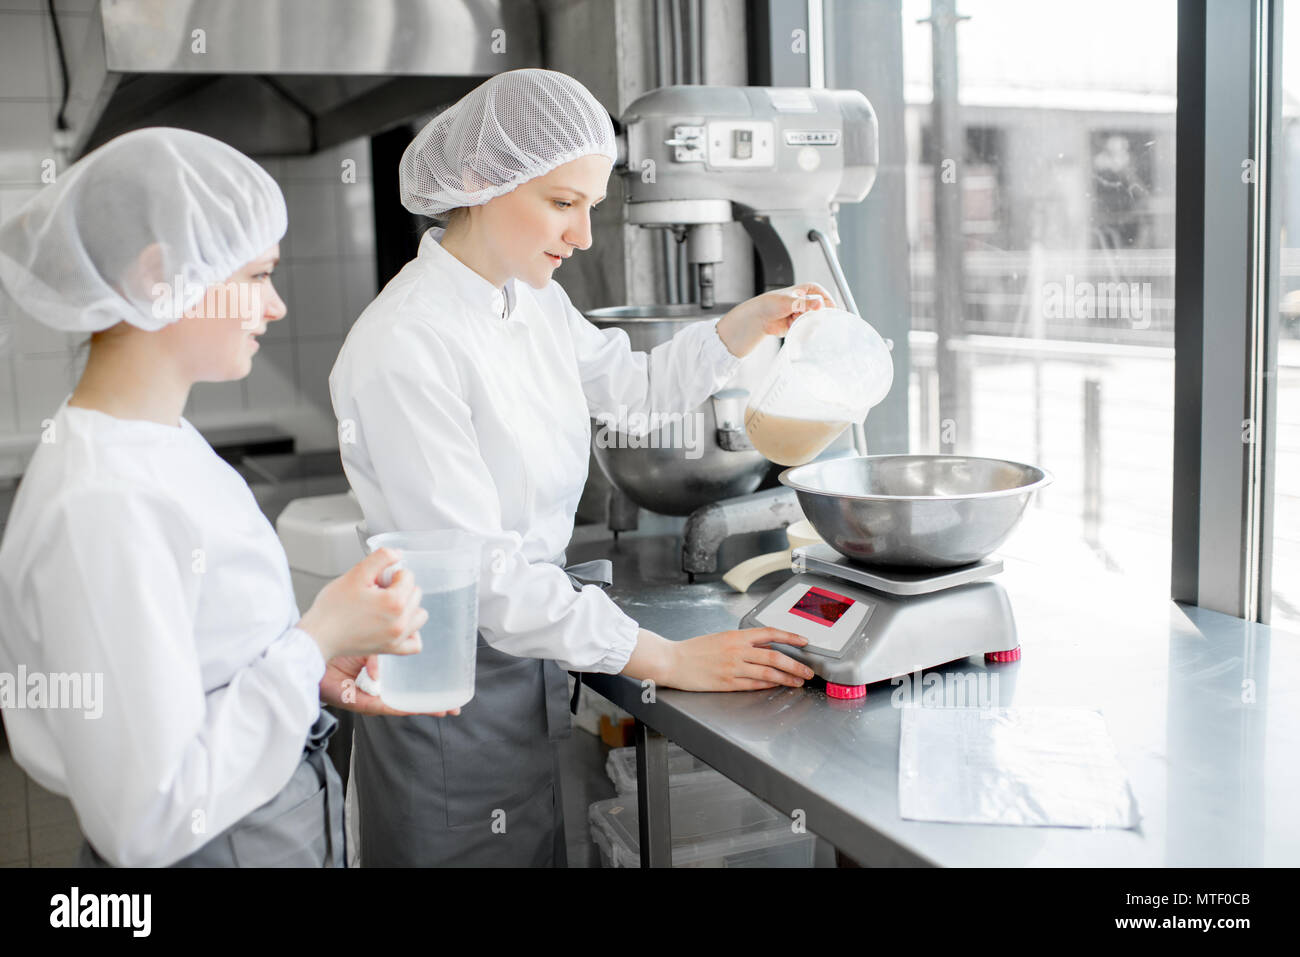 Dos mujeres en uniforme confiteros pesando los ingredientes para pastelería trabajan en la fabricación de panadería Foto de stock